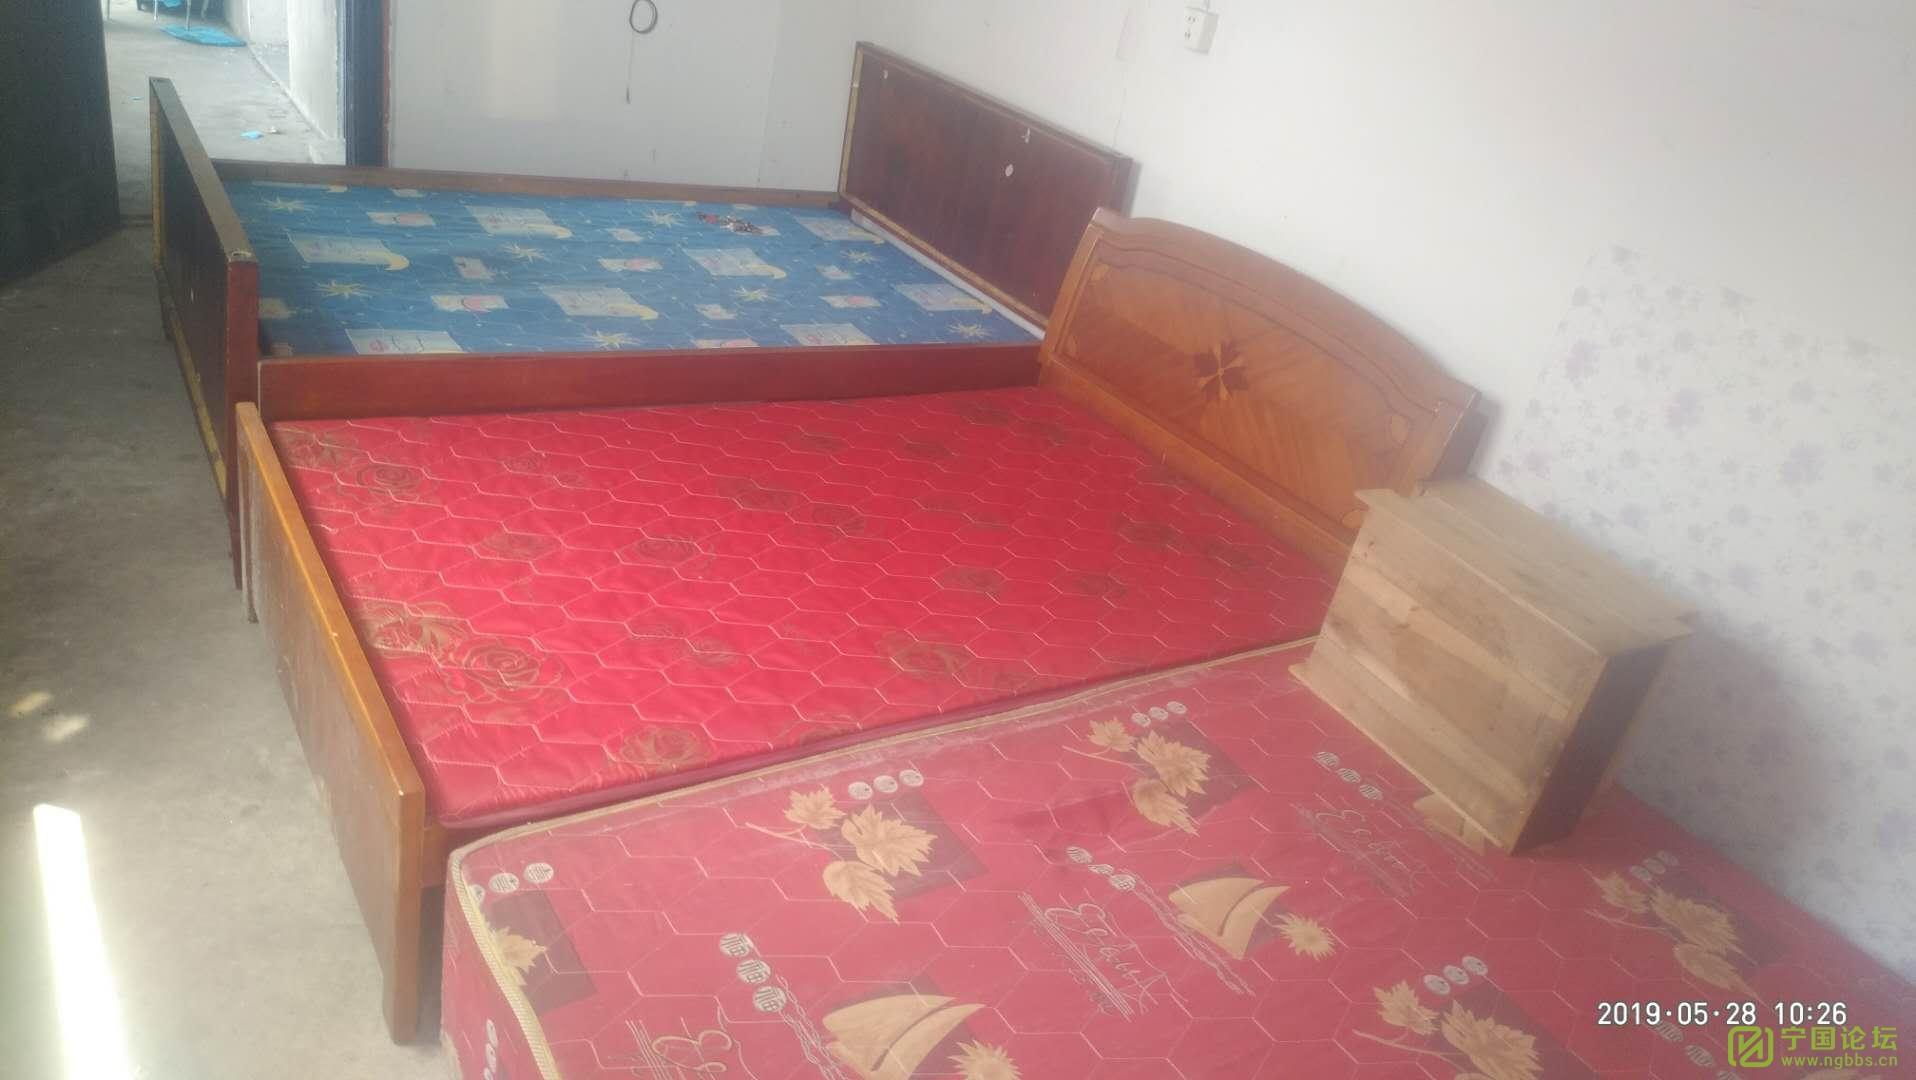 床出售 - 宁国论坛 - 07638503b779aac7d379a2115a98957.jpg